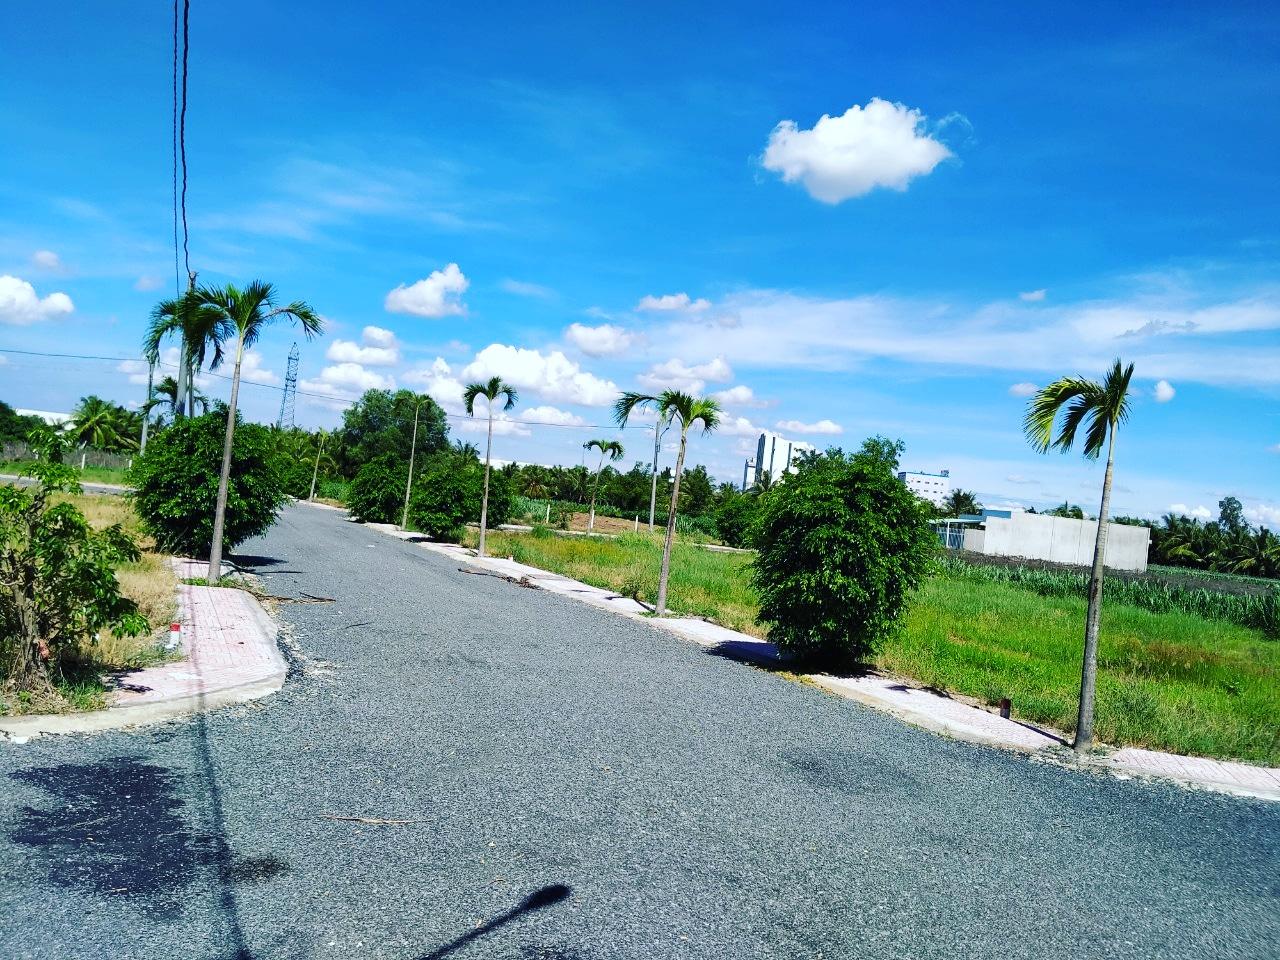 Cần bán Đất nền dự án đường Quốc lộ 1A, Xã Tân Lý Đông, Diện tích 120m², Giá 6 Triệu/m² - LH: 0973904018